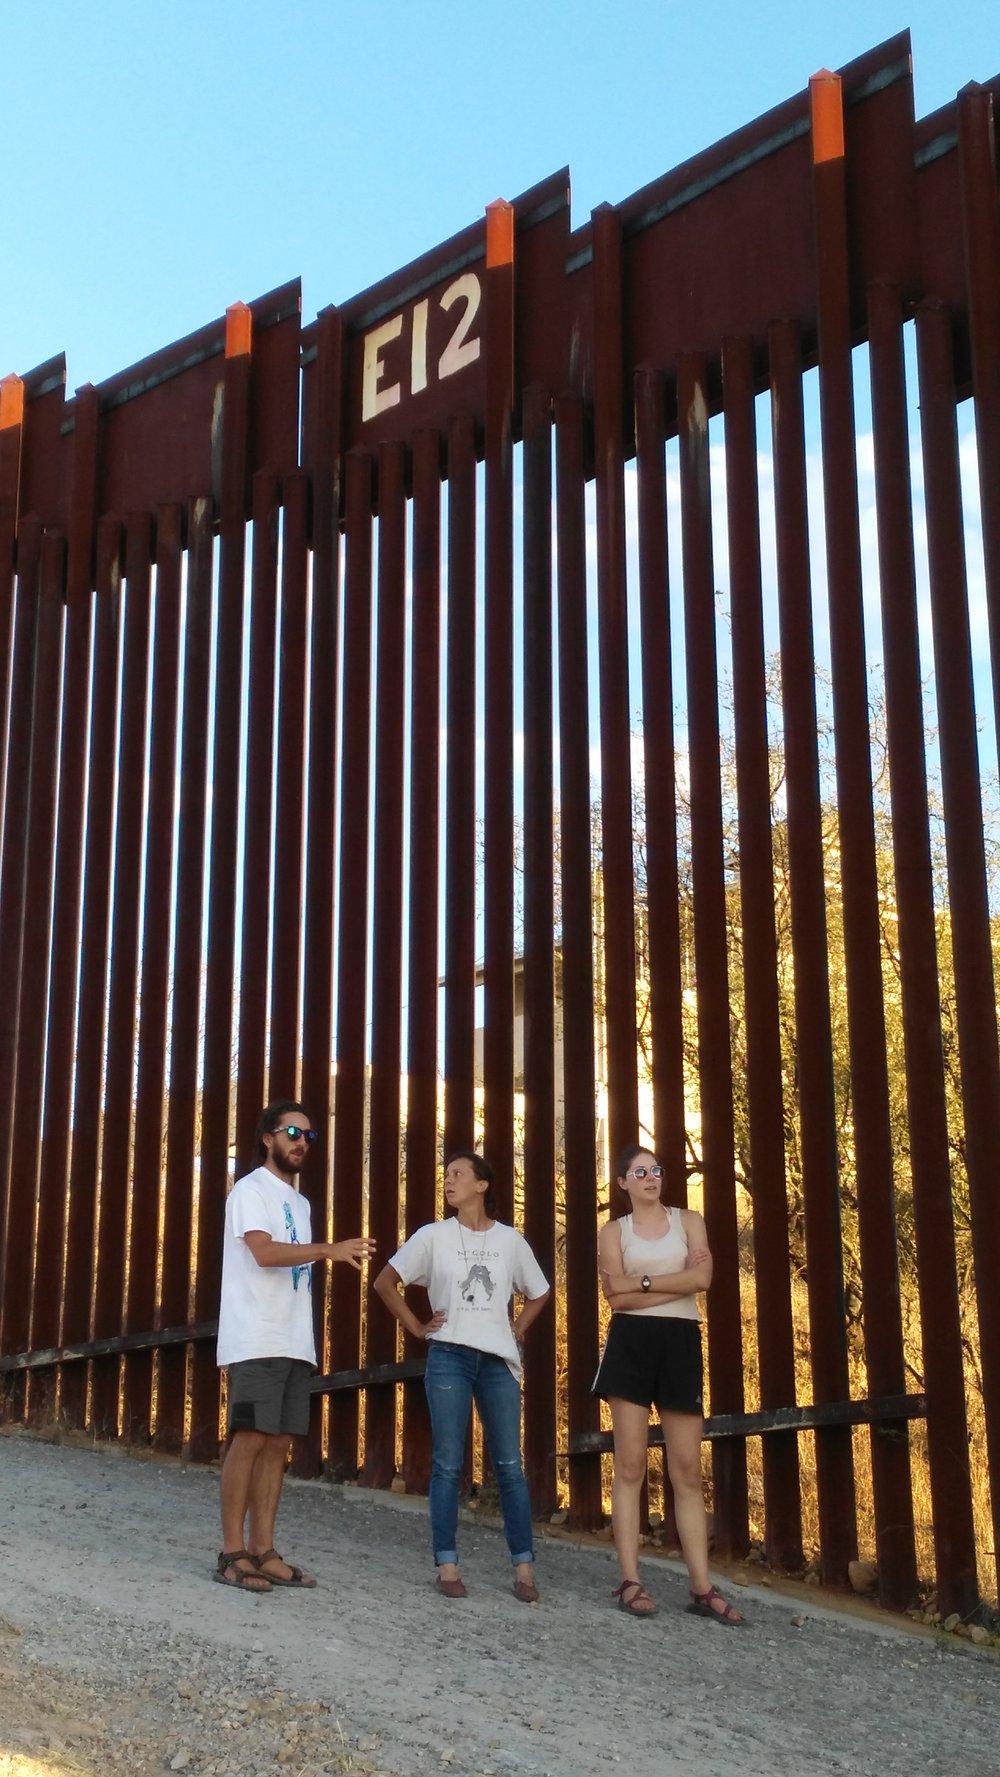 Patagonia Nogales Border Fence.jpg